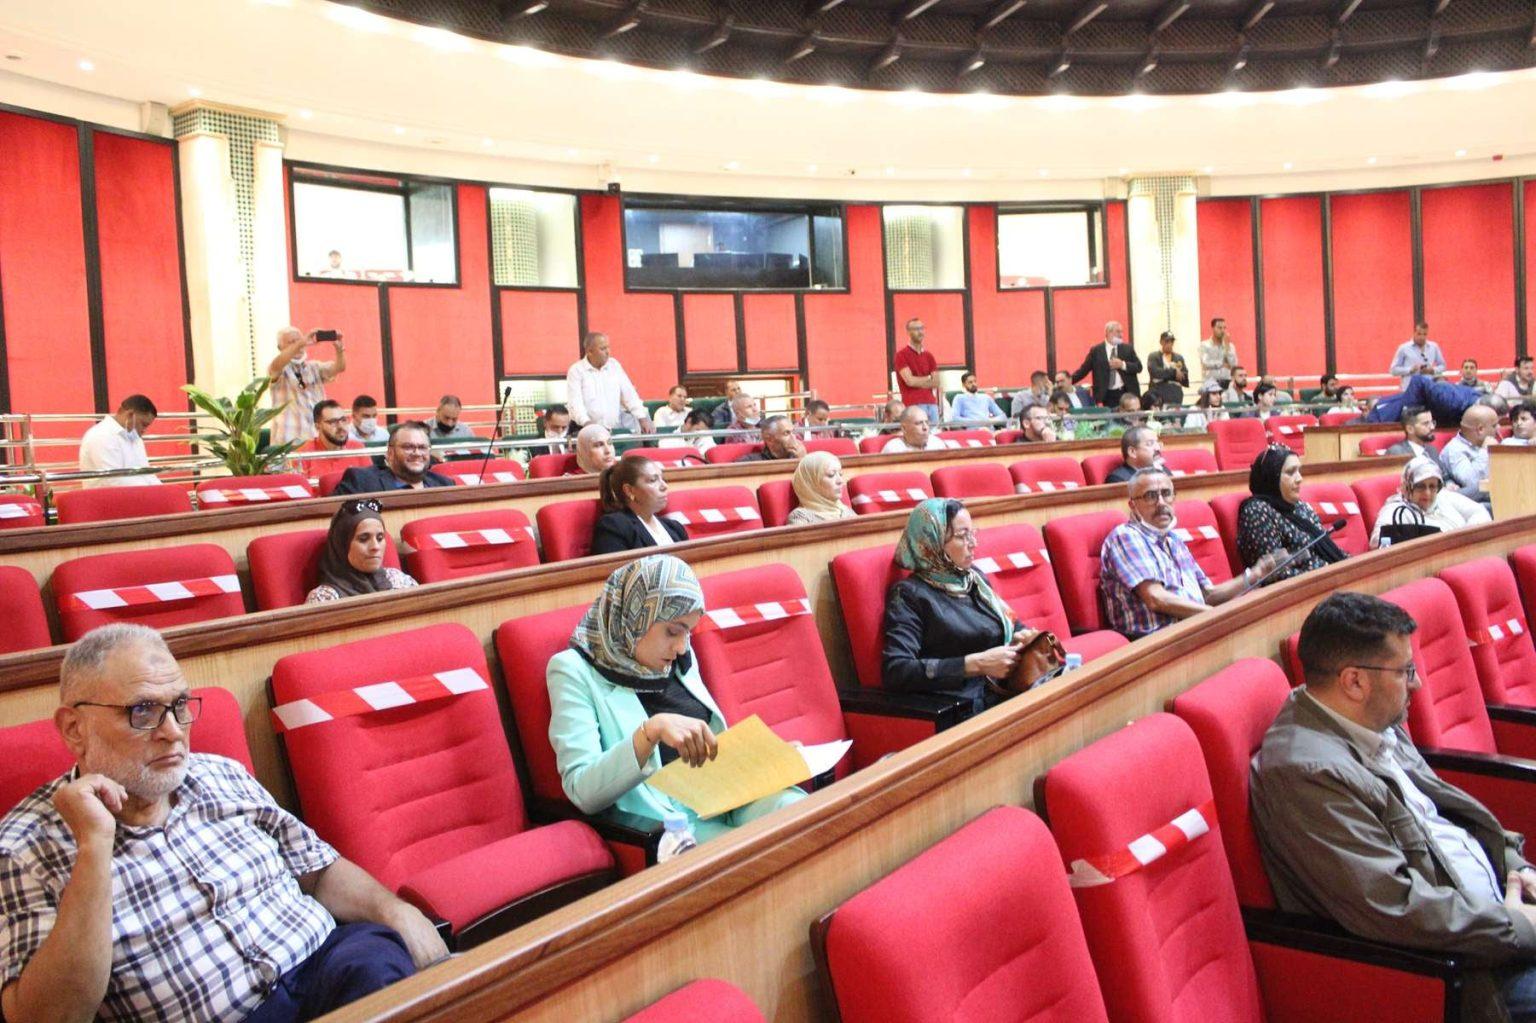 مجلس جماعة طنجة , أعضاء مجلس جماعة طنجة , رئيس جماعة طنجة , برنامج عمل جماعة طنجة , ميزانية جماعة طنجة